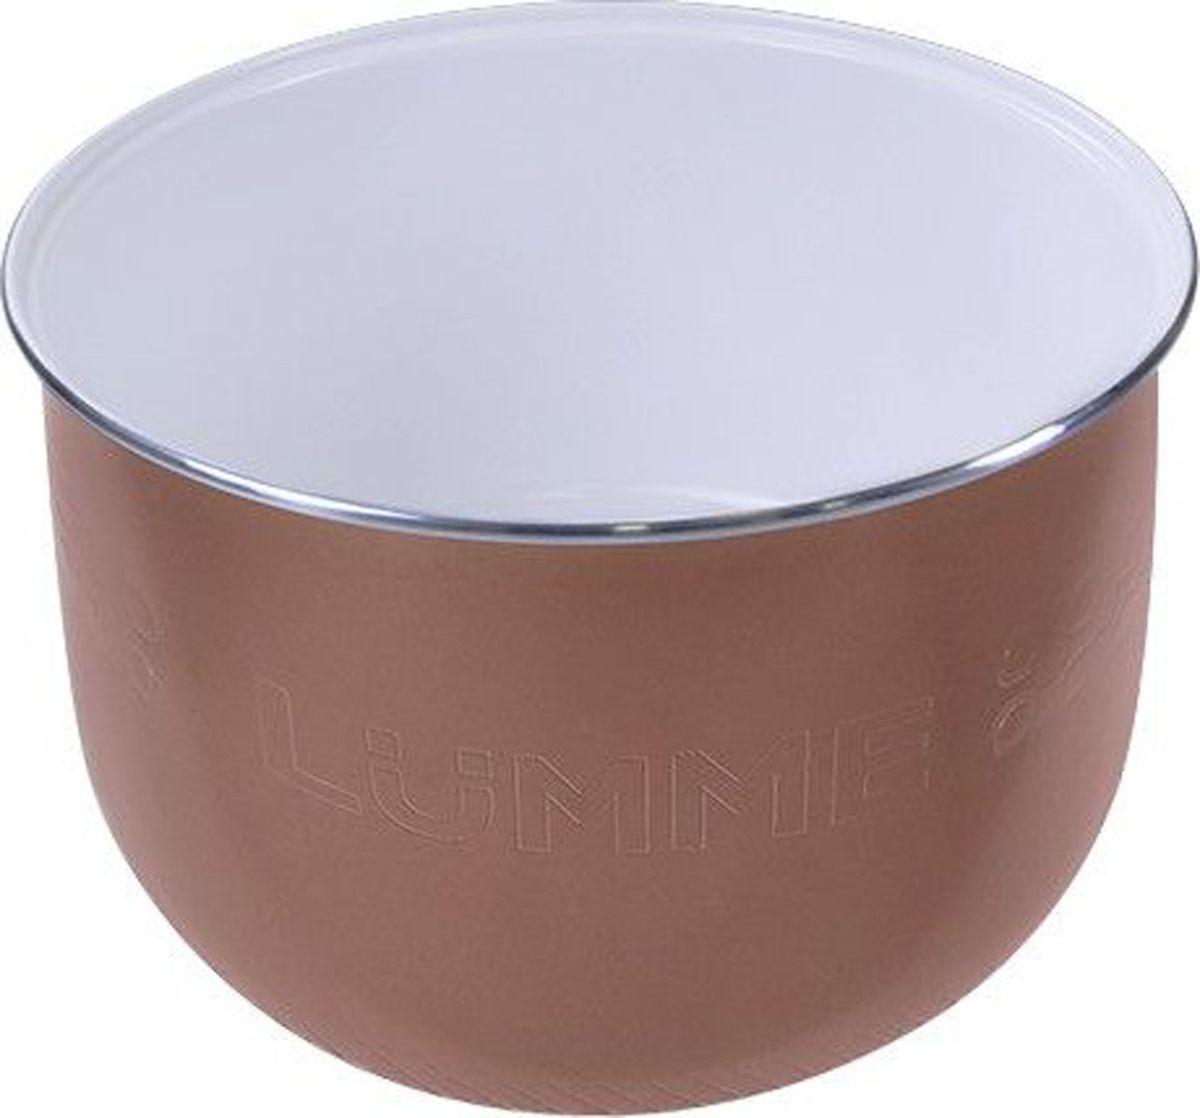 Lumme LU-MC301 Сeramic, White чаша для мультиварки, 5 лLU-MC301Утолщенная чаша для мультиварки, объем 5л, внутреннее двухслойное экологически чистое керамическое покрытие